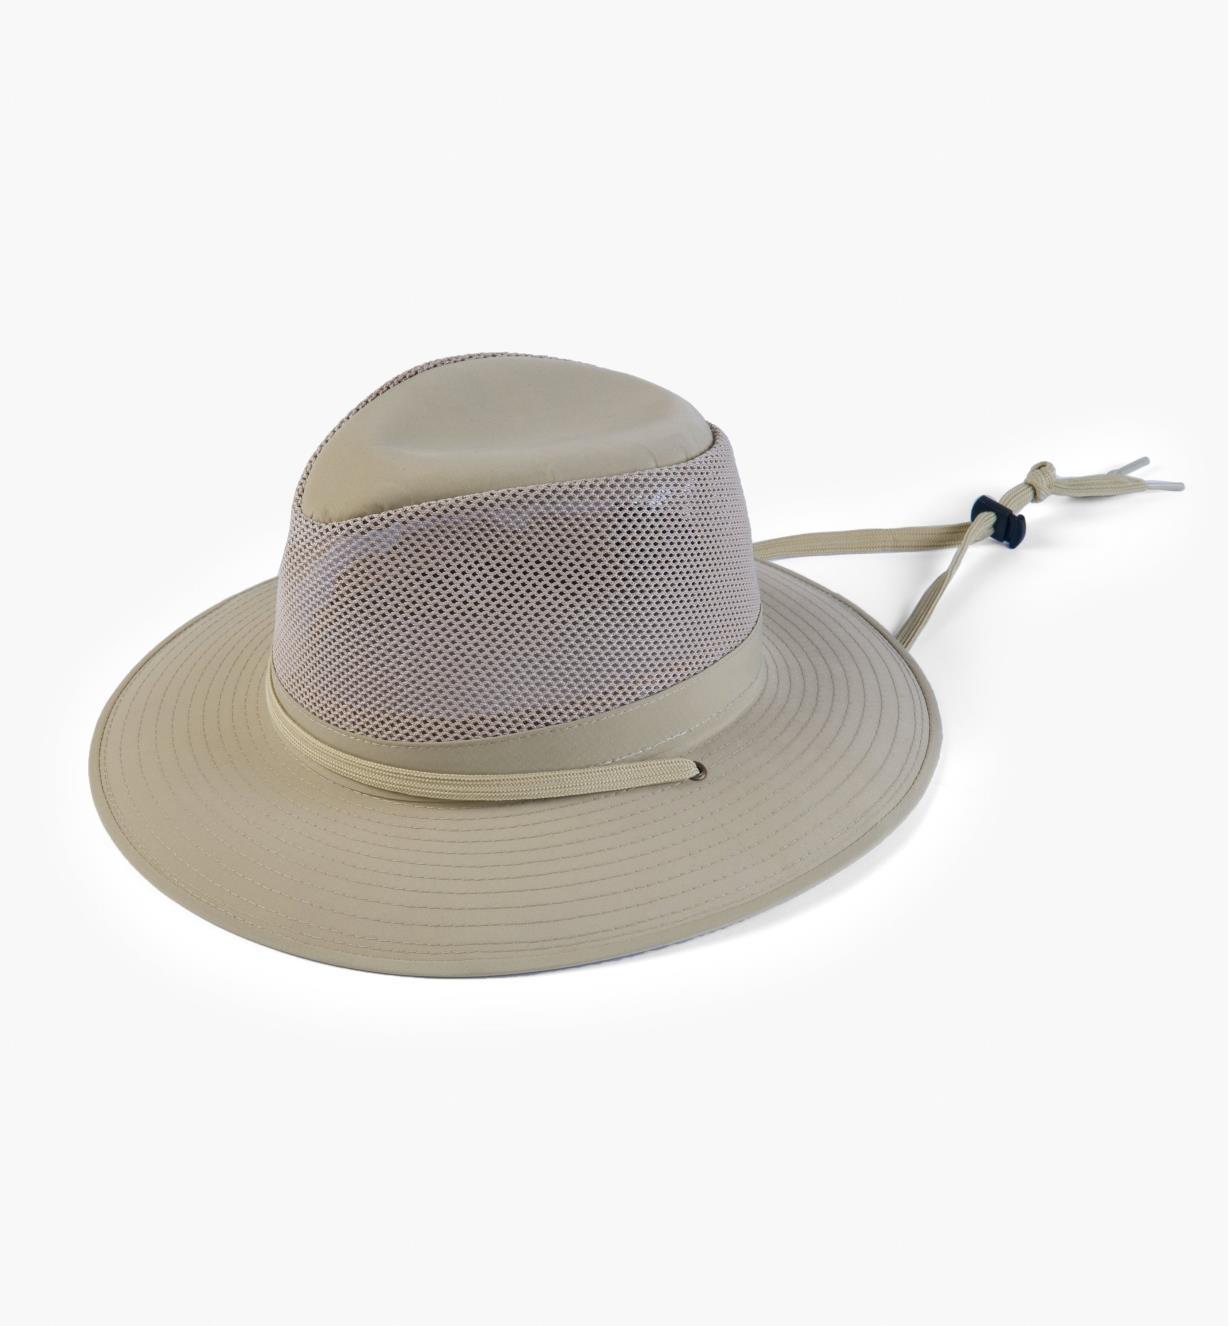 HL530 - Beige Breezer Hat, Sm.